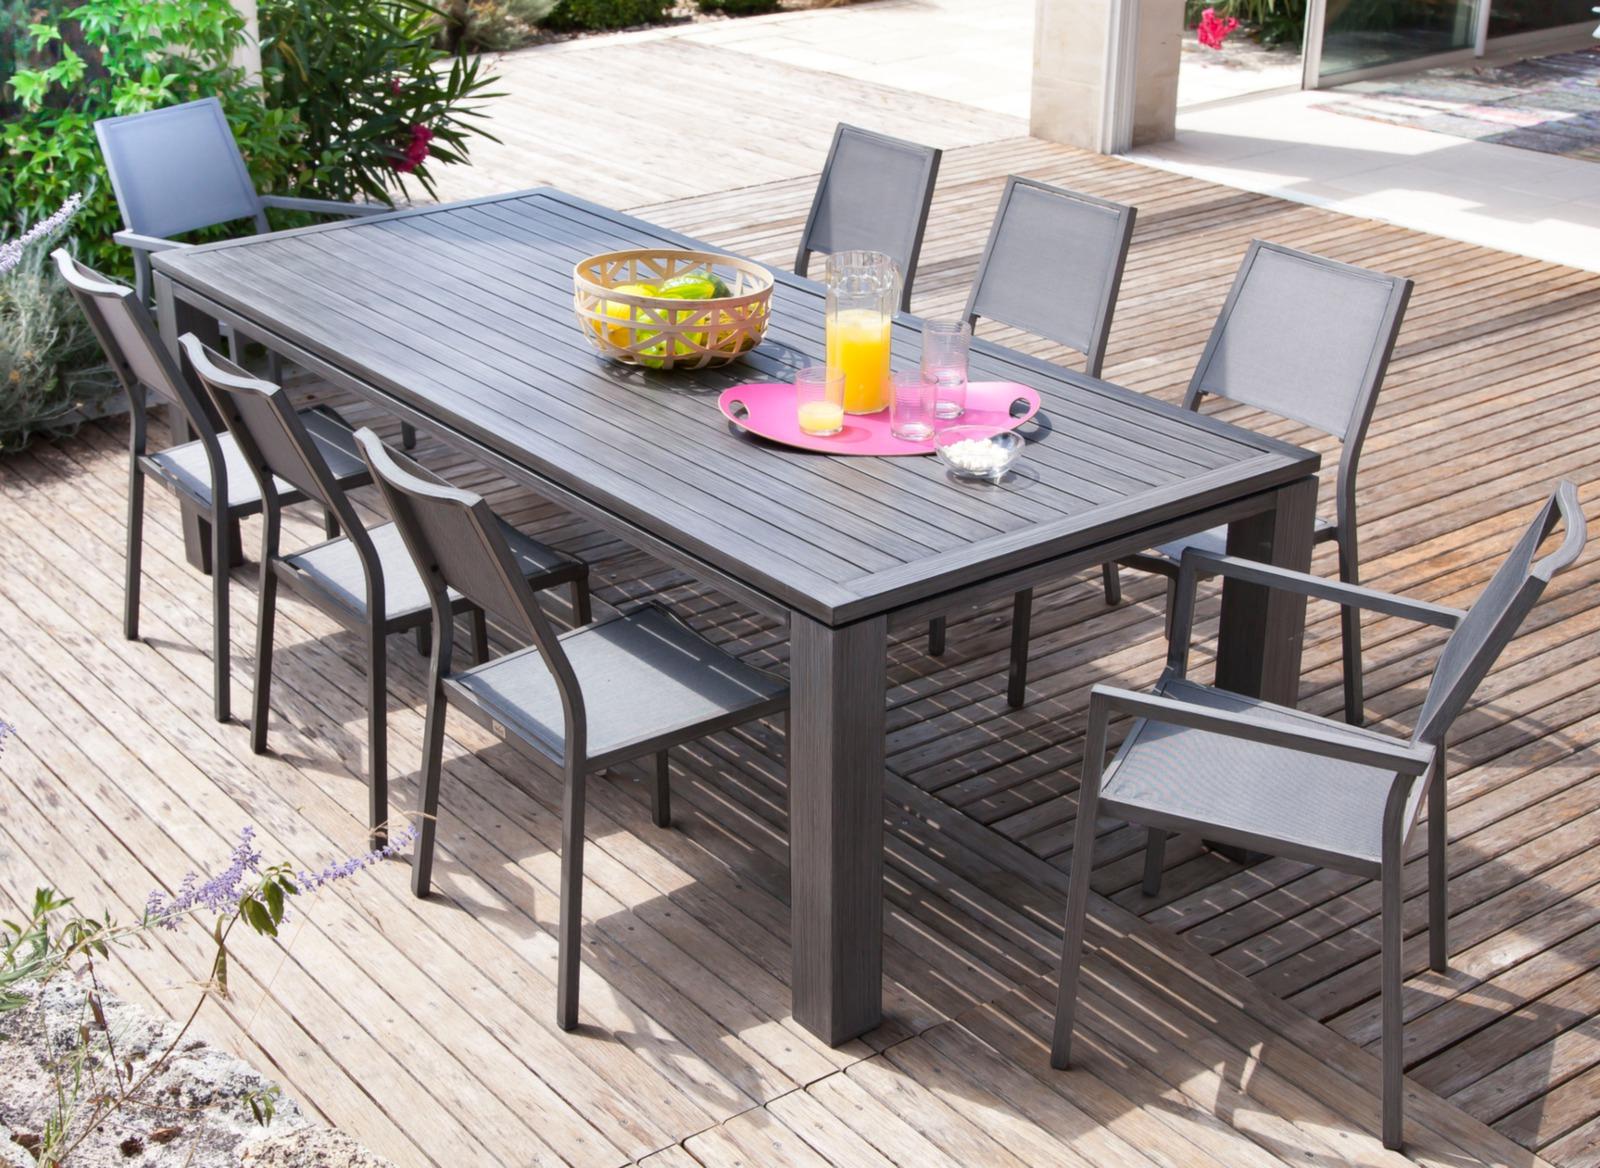 Ensemble Chaise Et Table De Jardin Sol Salon Aluminium ... concernant Table De Jardin Auchan